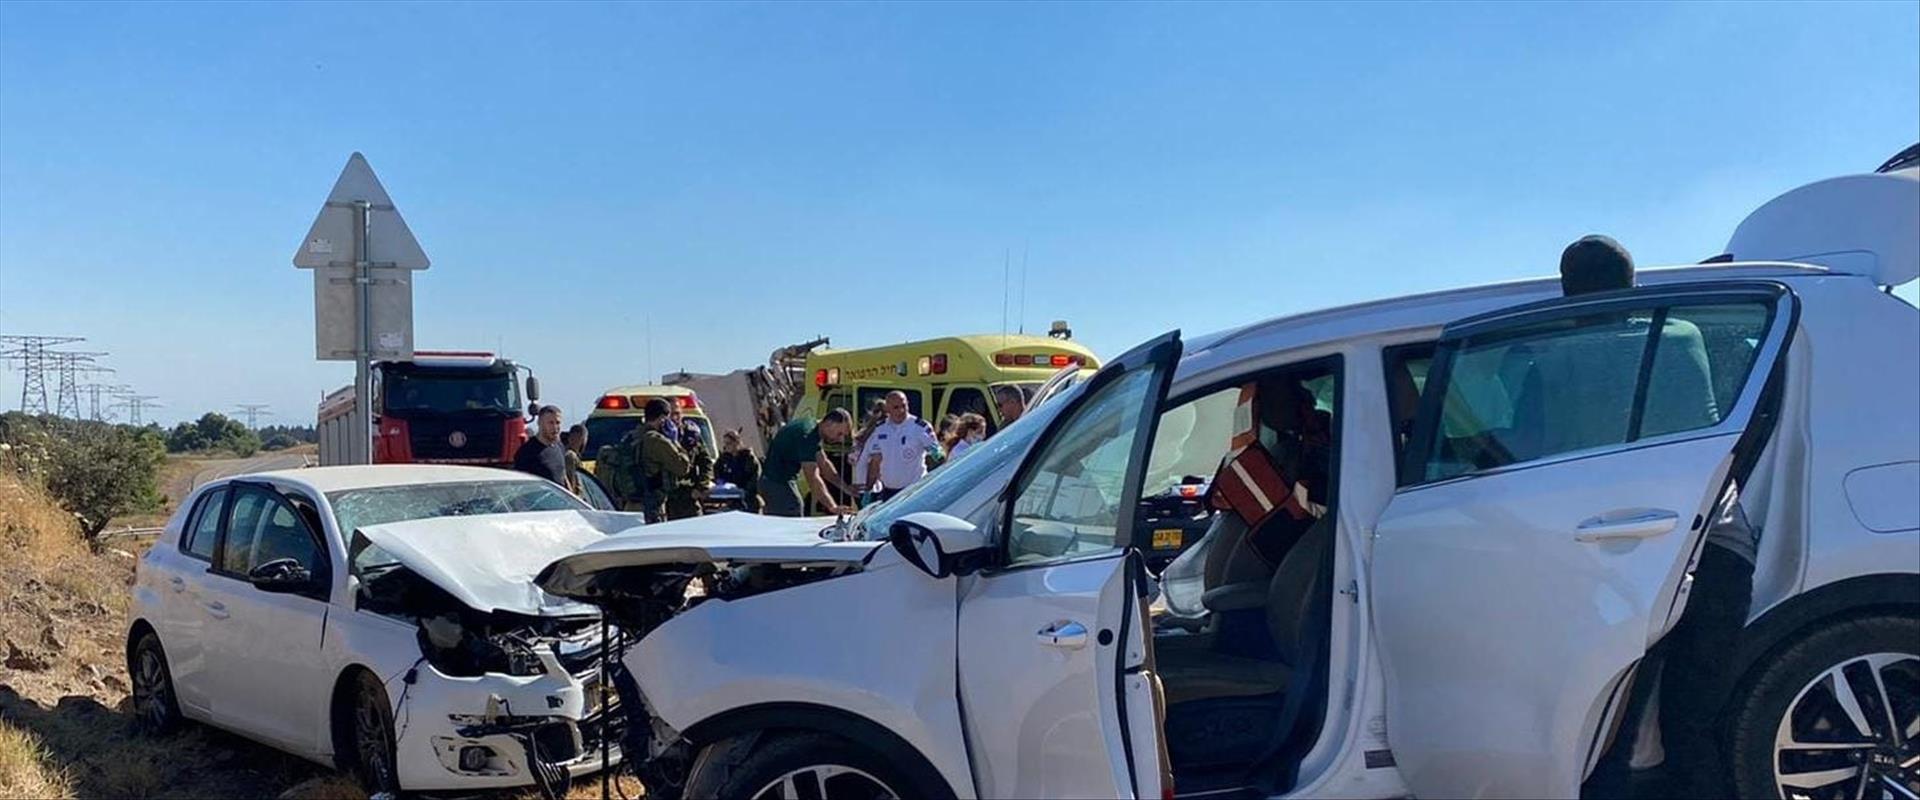 תאונה קשה סמוך לאורטל